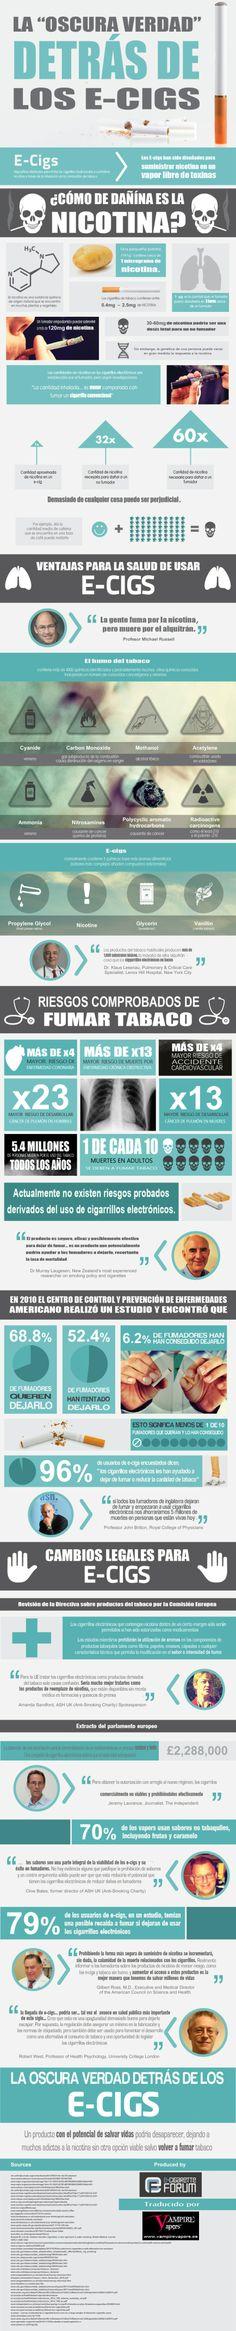 La verdad de los E-CIGARRILLOS. La opinión y valoración de los expertos mundiales acerca de este producto. ¿ Y tu qué opinas como farmacéutico ?.